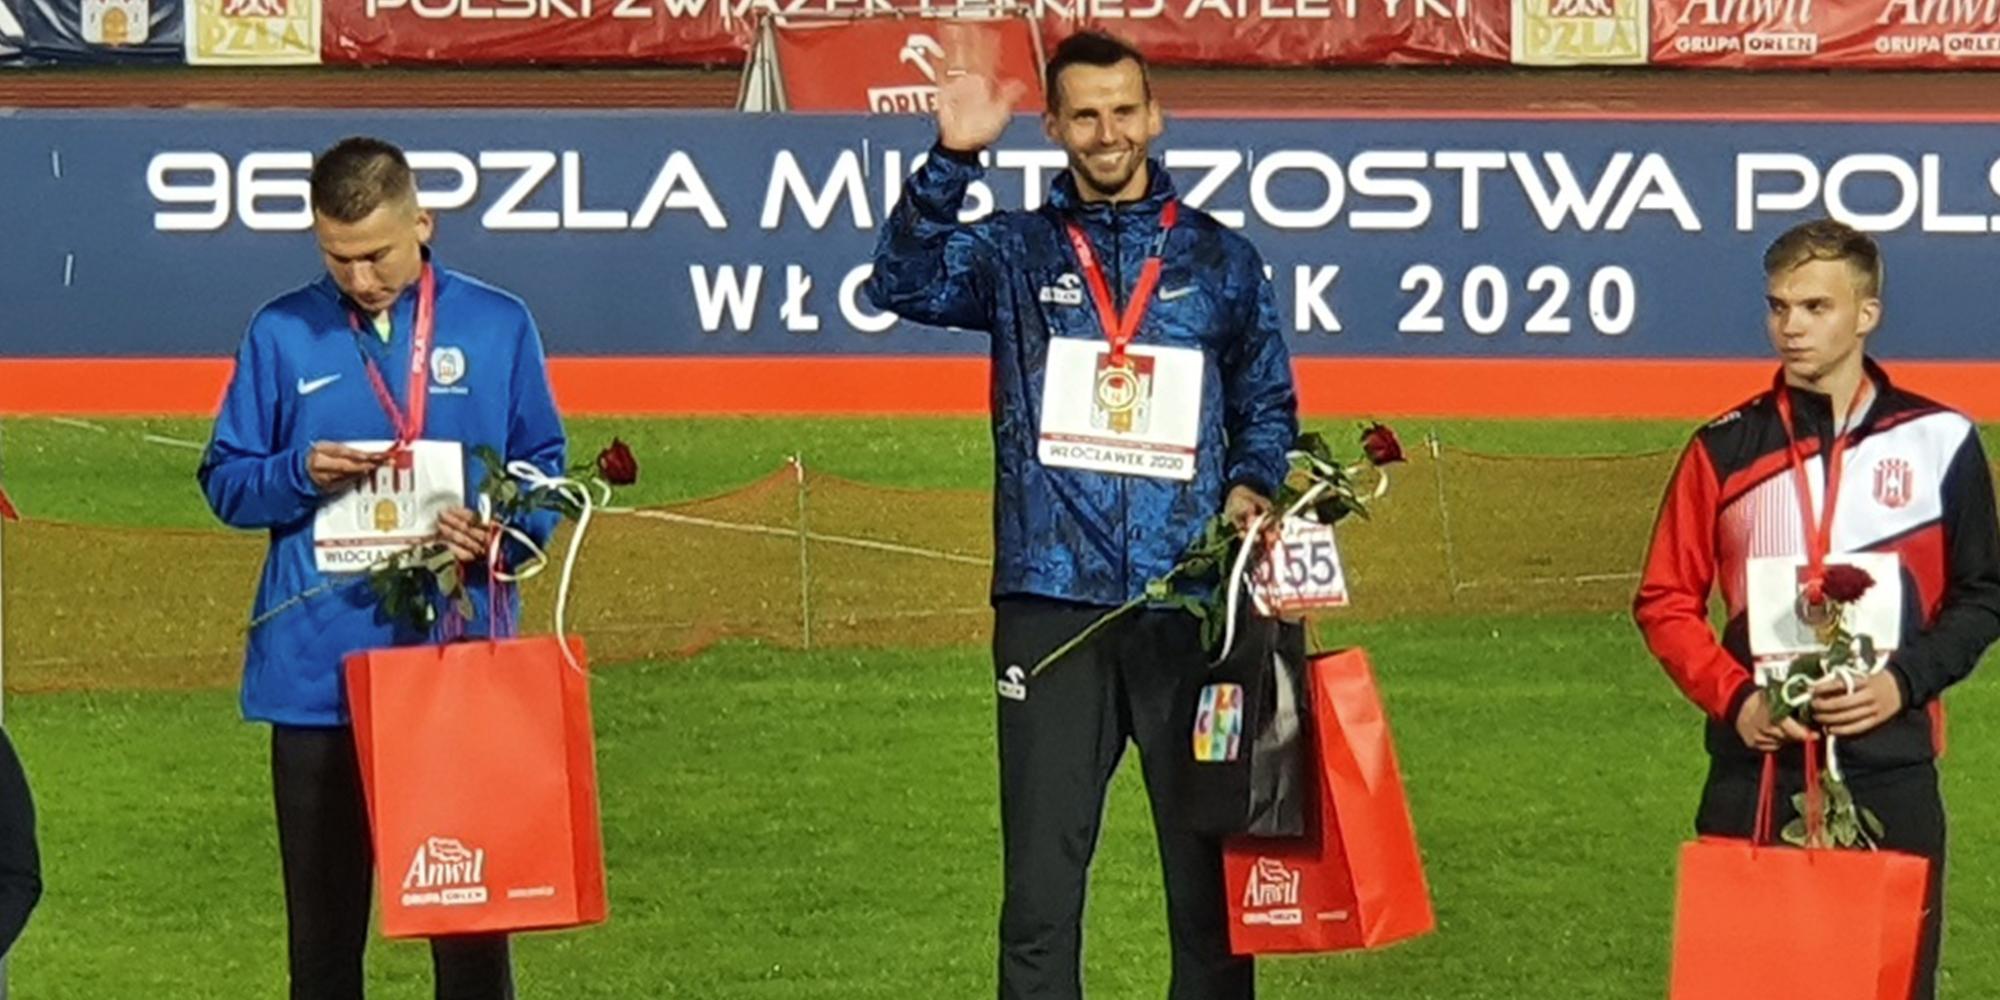 mistrzostwa-polski-seniorow-w-lekkoatletyce